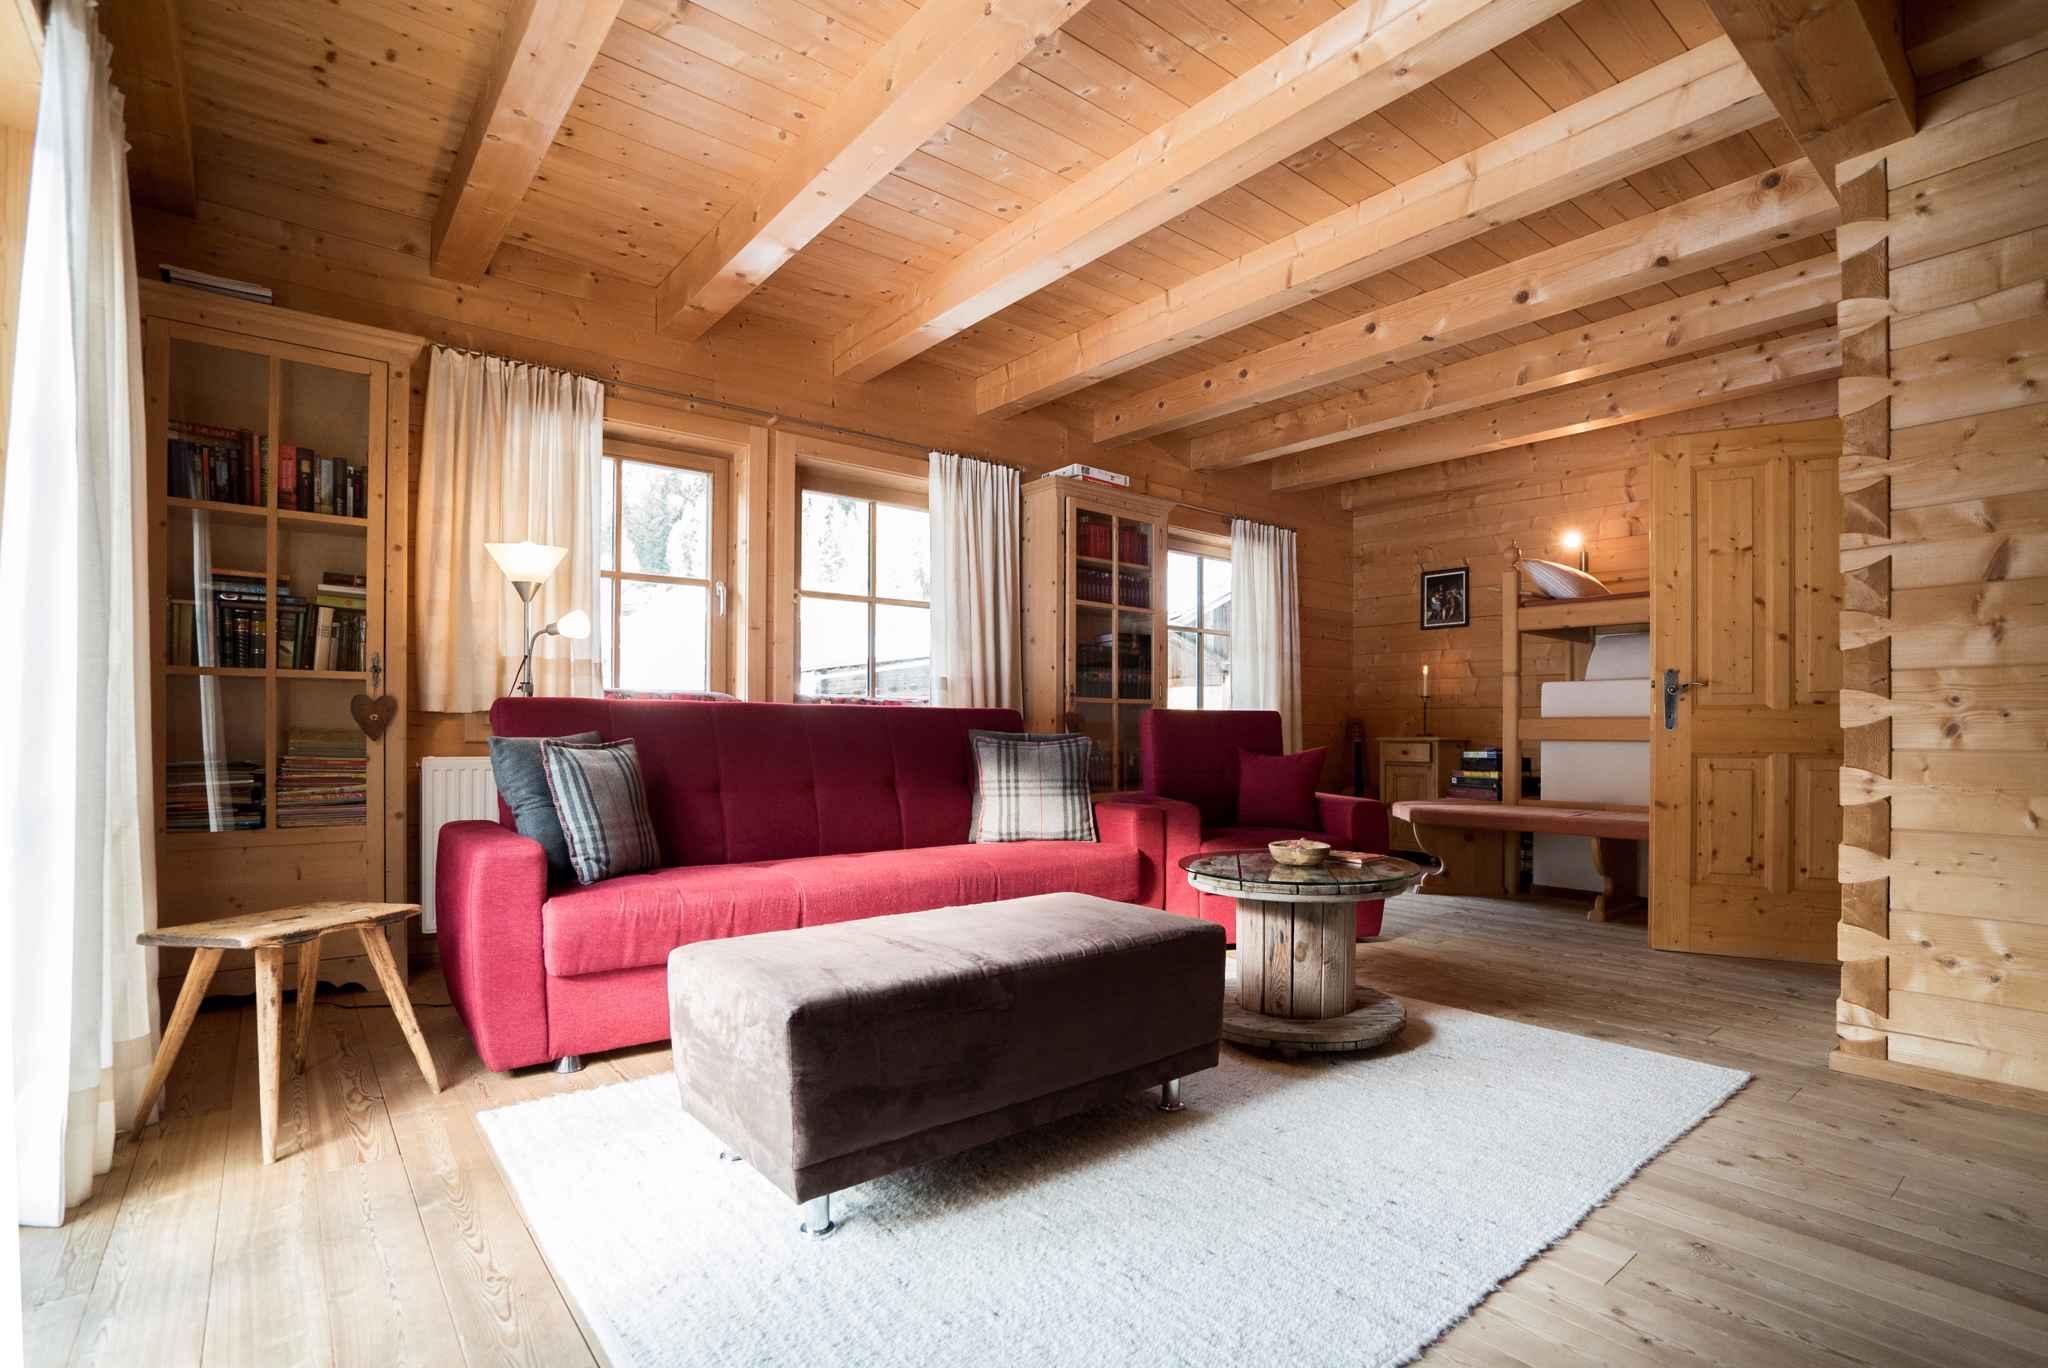 Ferienhaus mit Balkon (957047), Außervillgraten, Osttirol, Tirol, Österreich, Bild 27